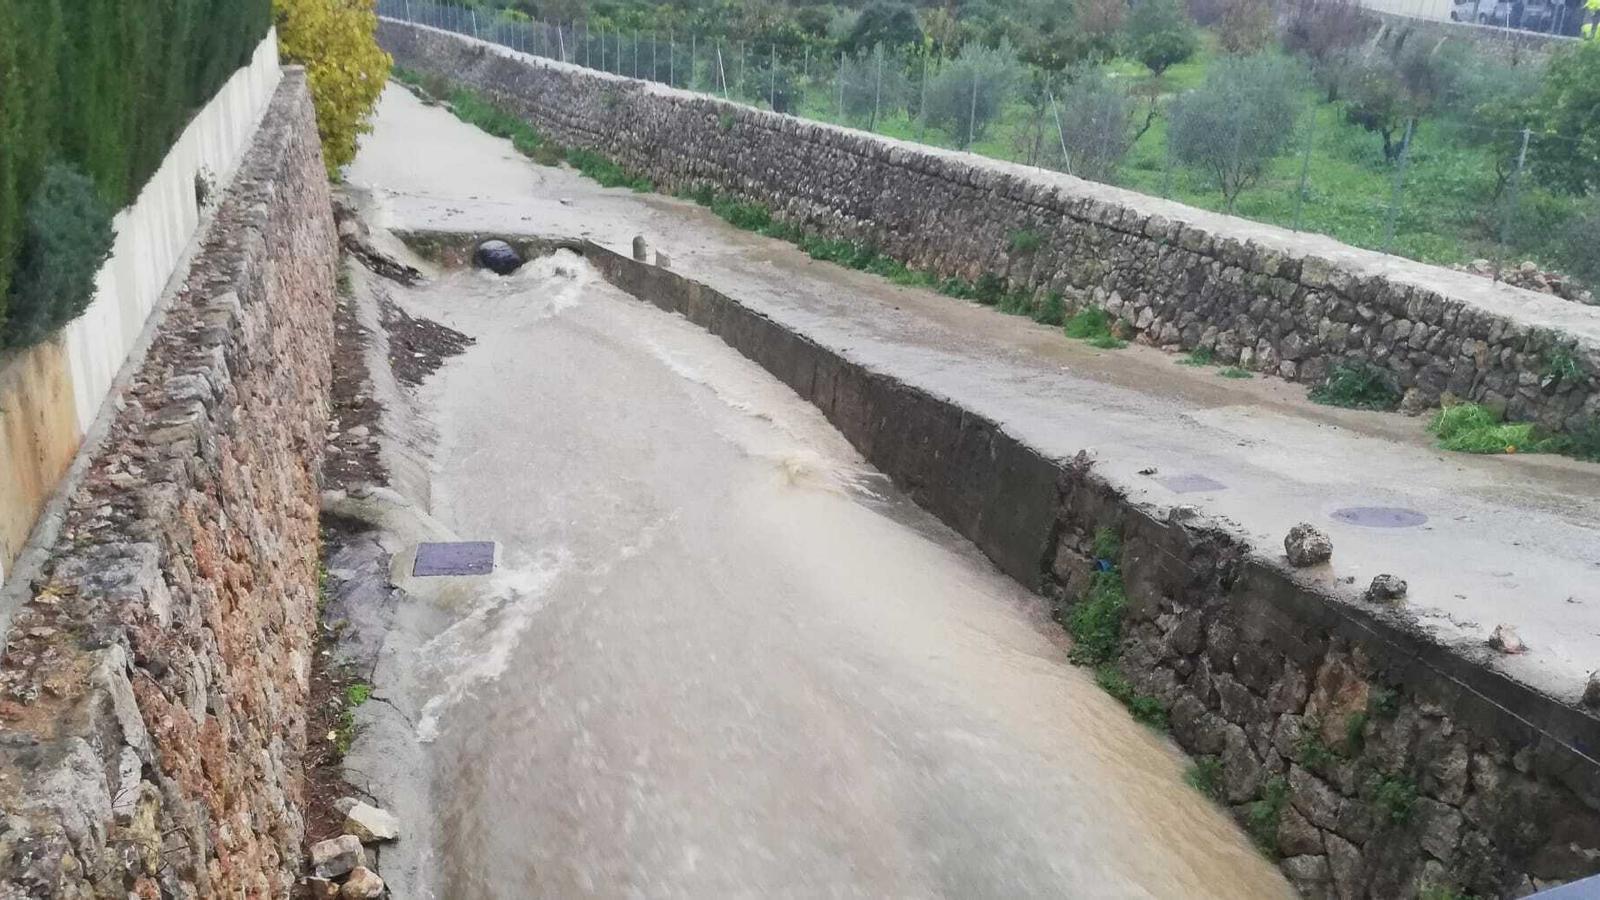 Vuit torrents desbordats i 309 incidents per les fortes pluges a les Illes Balears